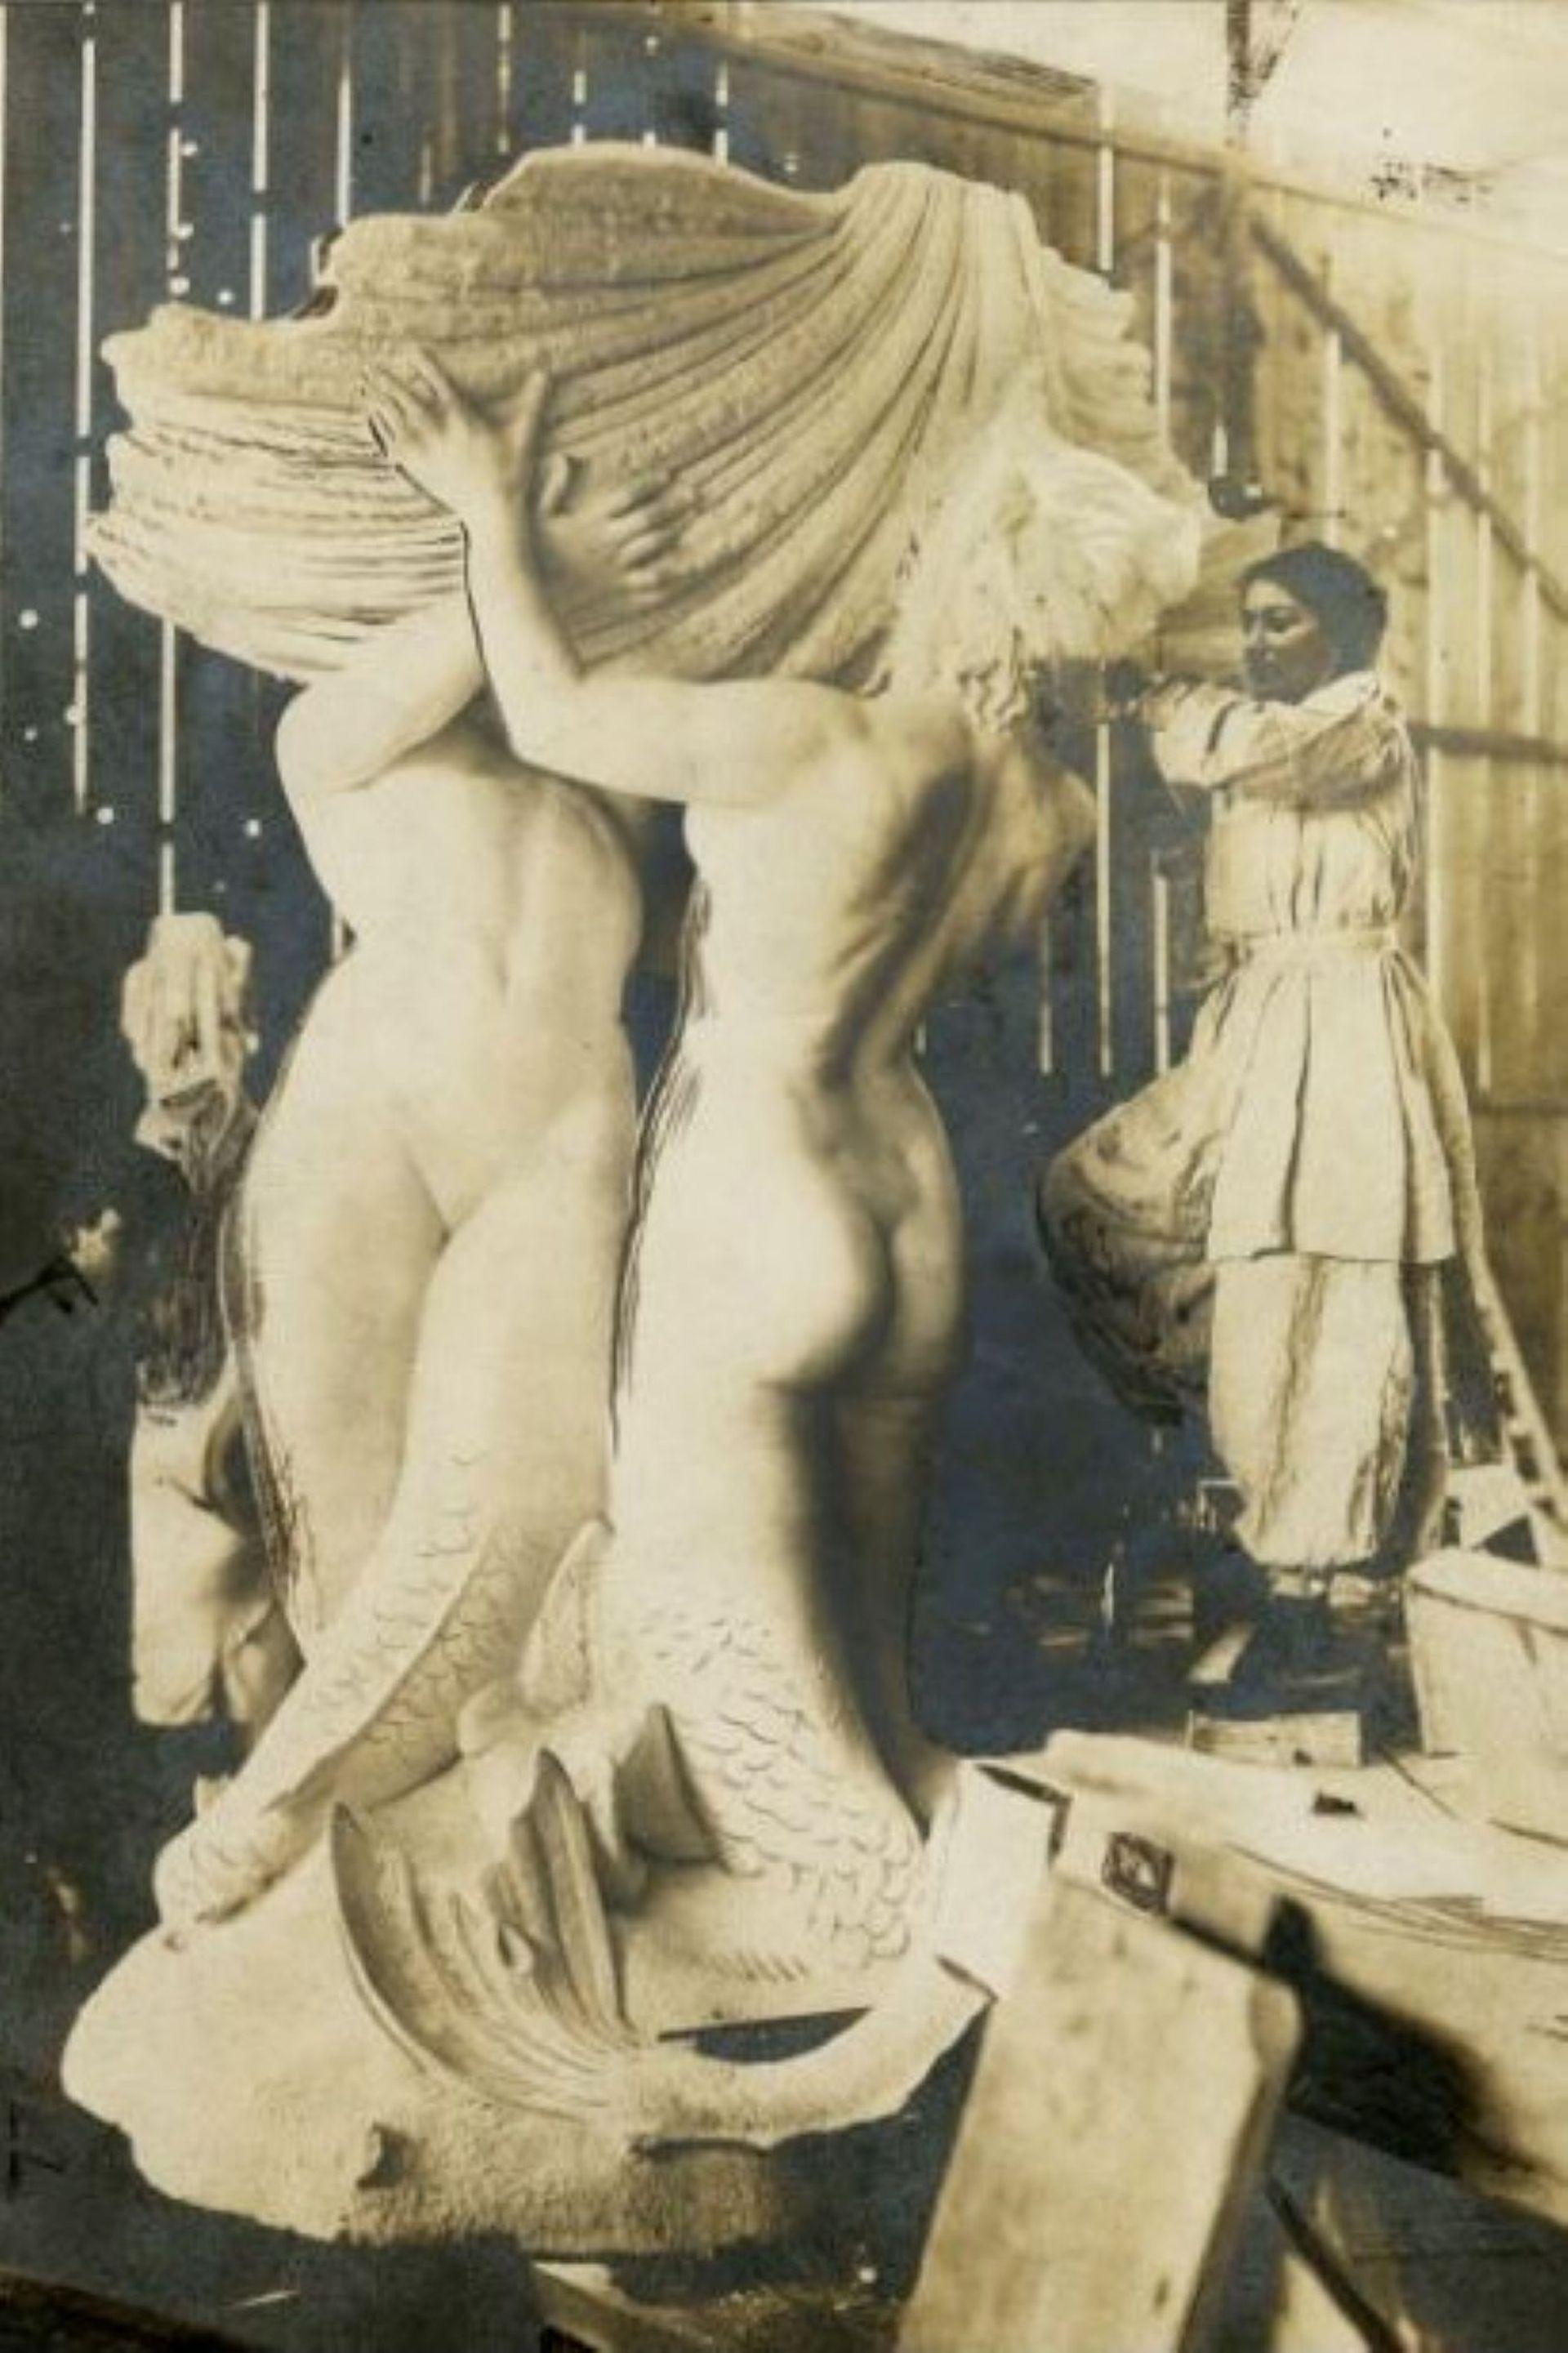 En Italia esculpió Las Nereidas, con ayudantes por la magnitud de la obra